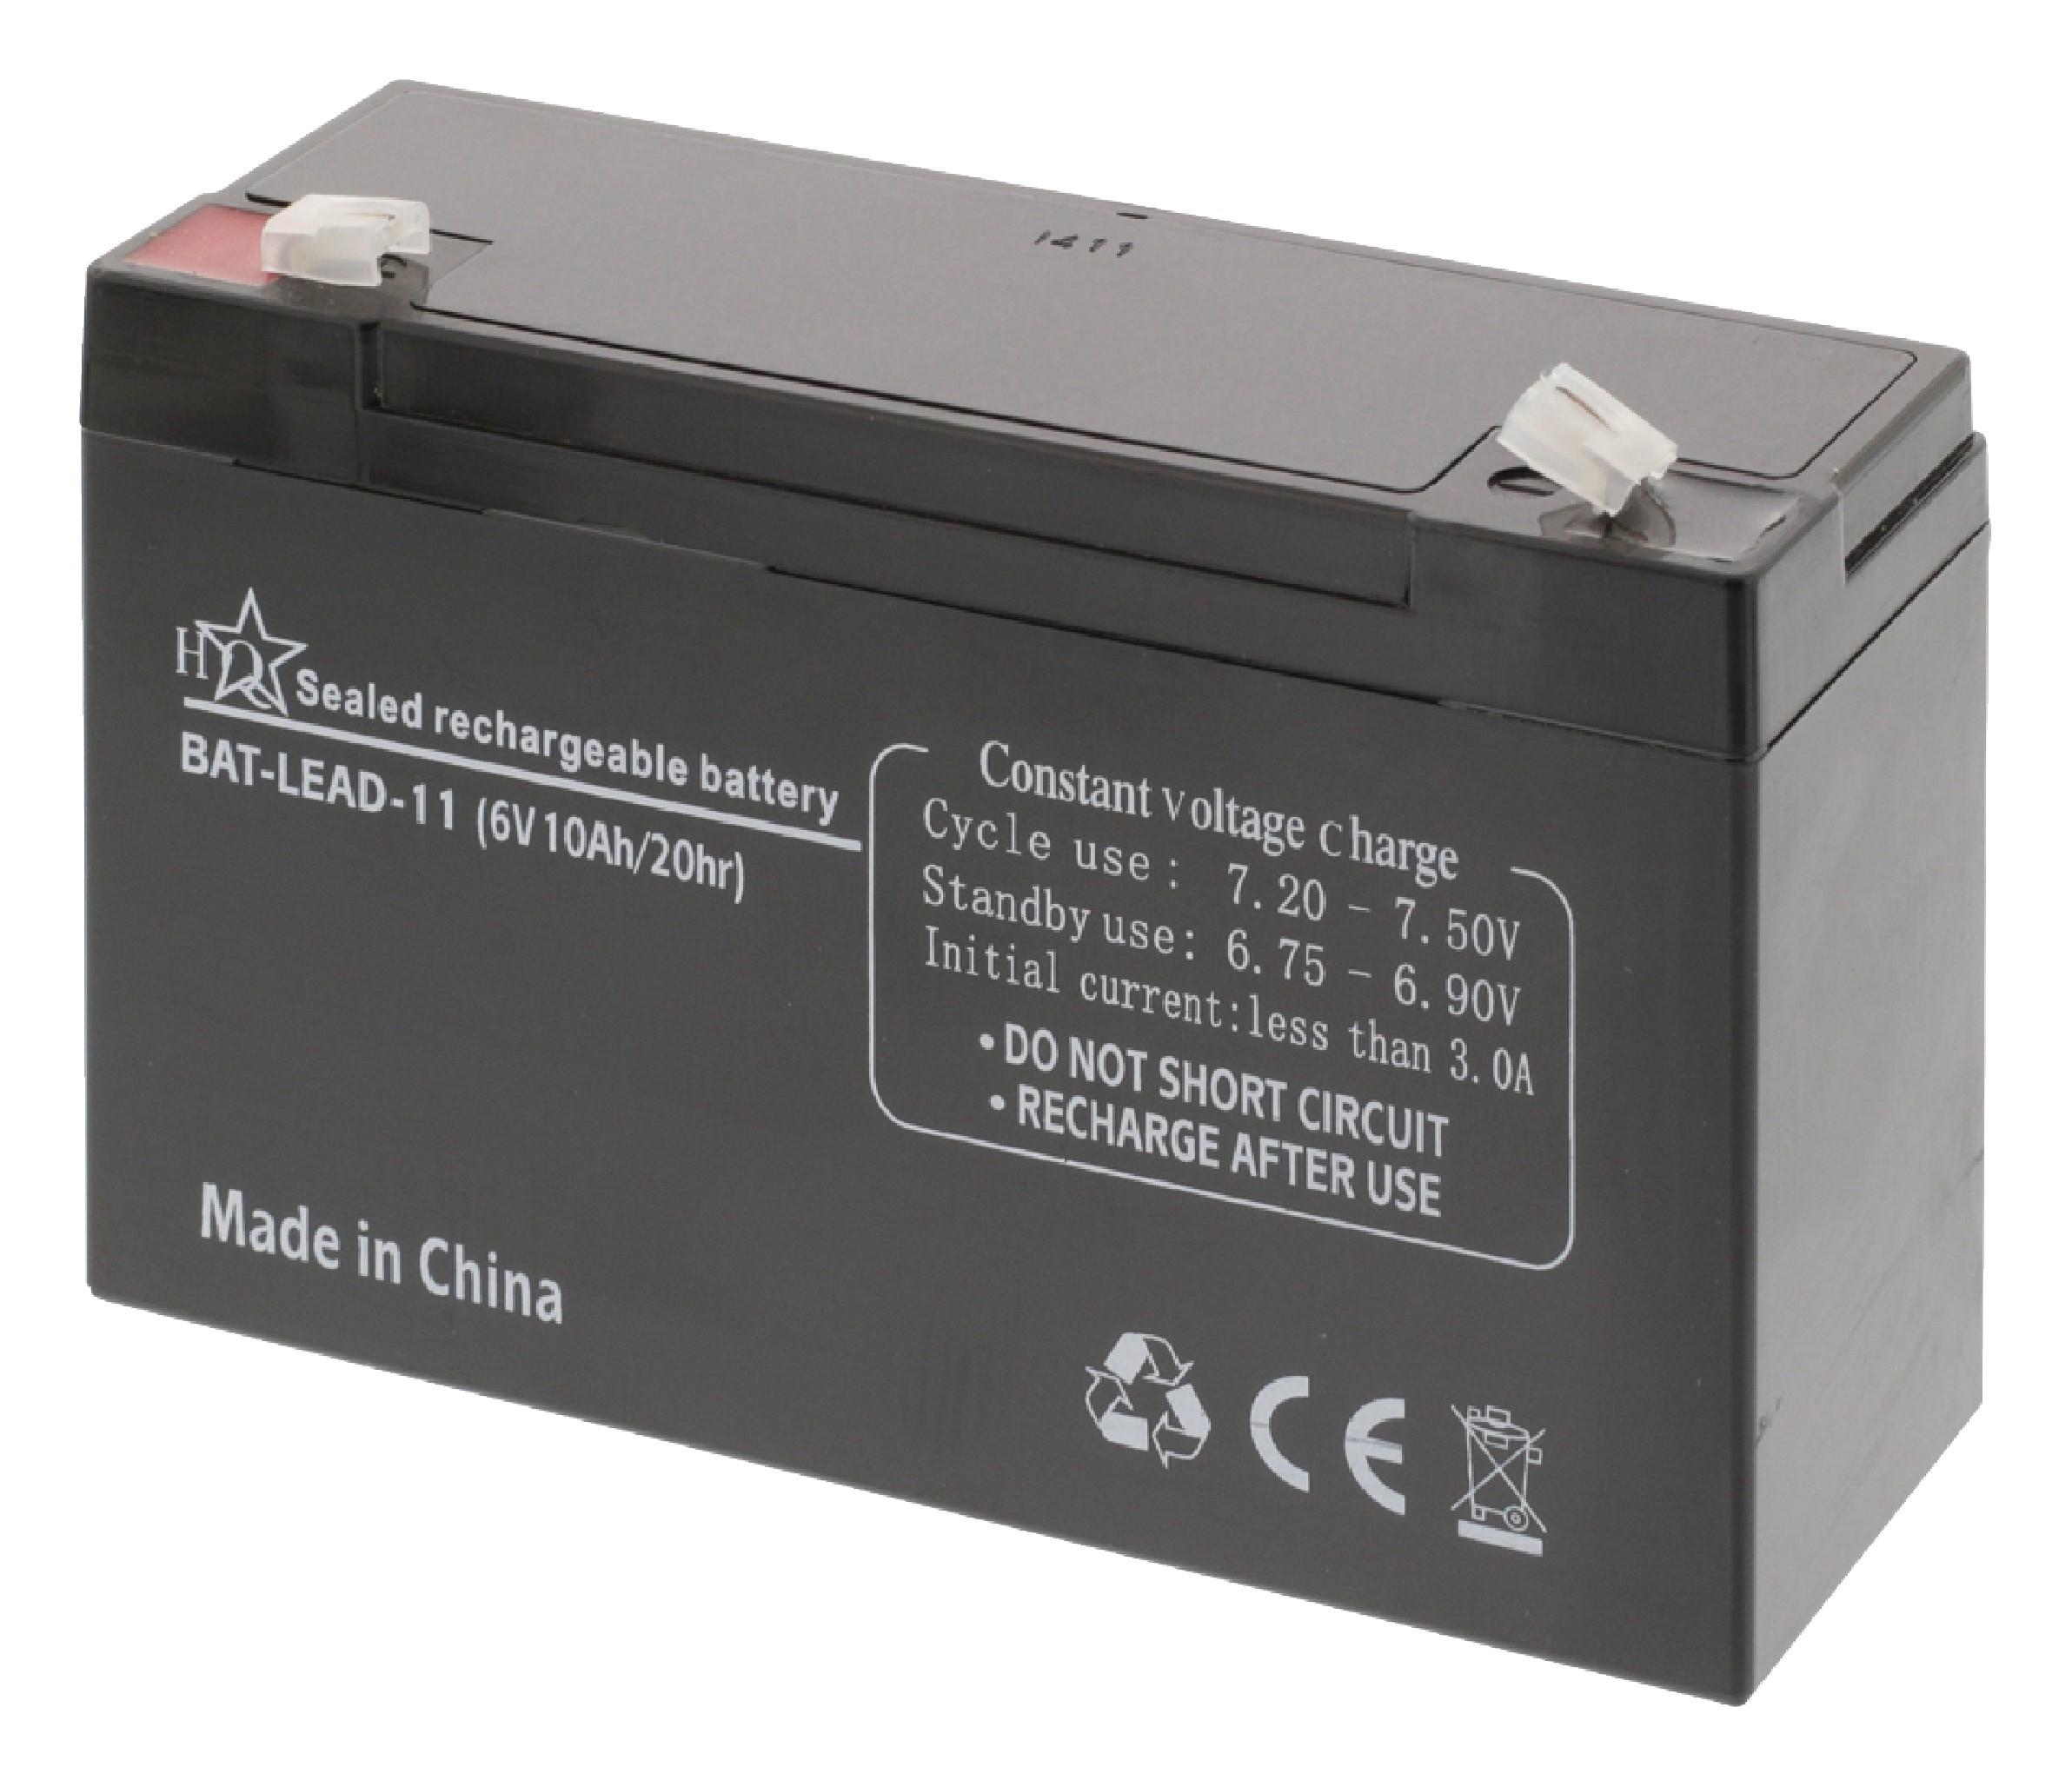 HQ olověná baterie 6V, 10Ah, 151 x 50 x 95 mm (BAT-LEAD-11)